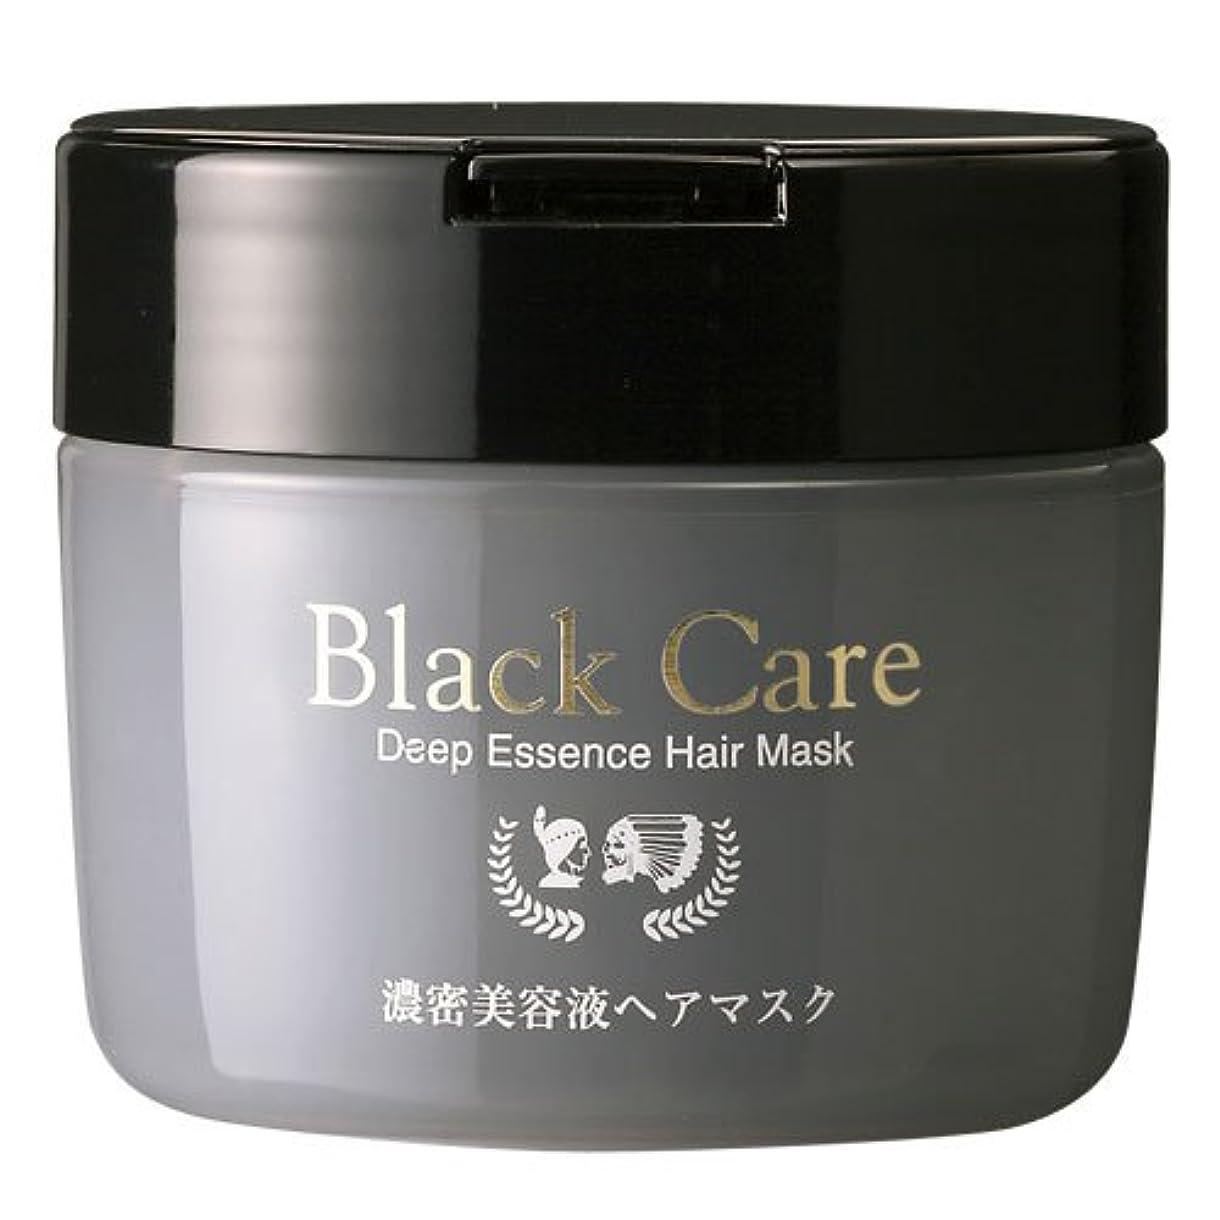 タオル構築する第二にブラックケア ヘアマスク 1個